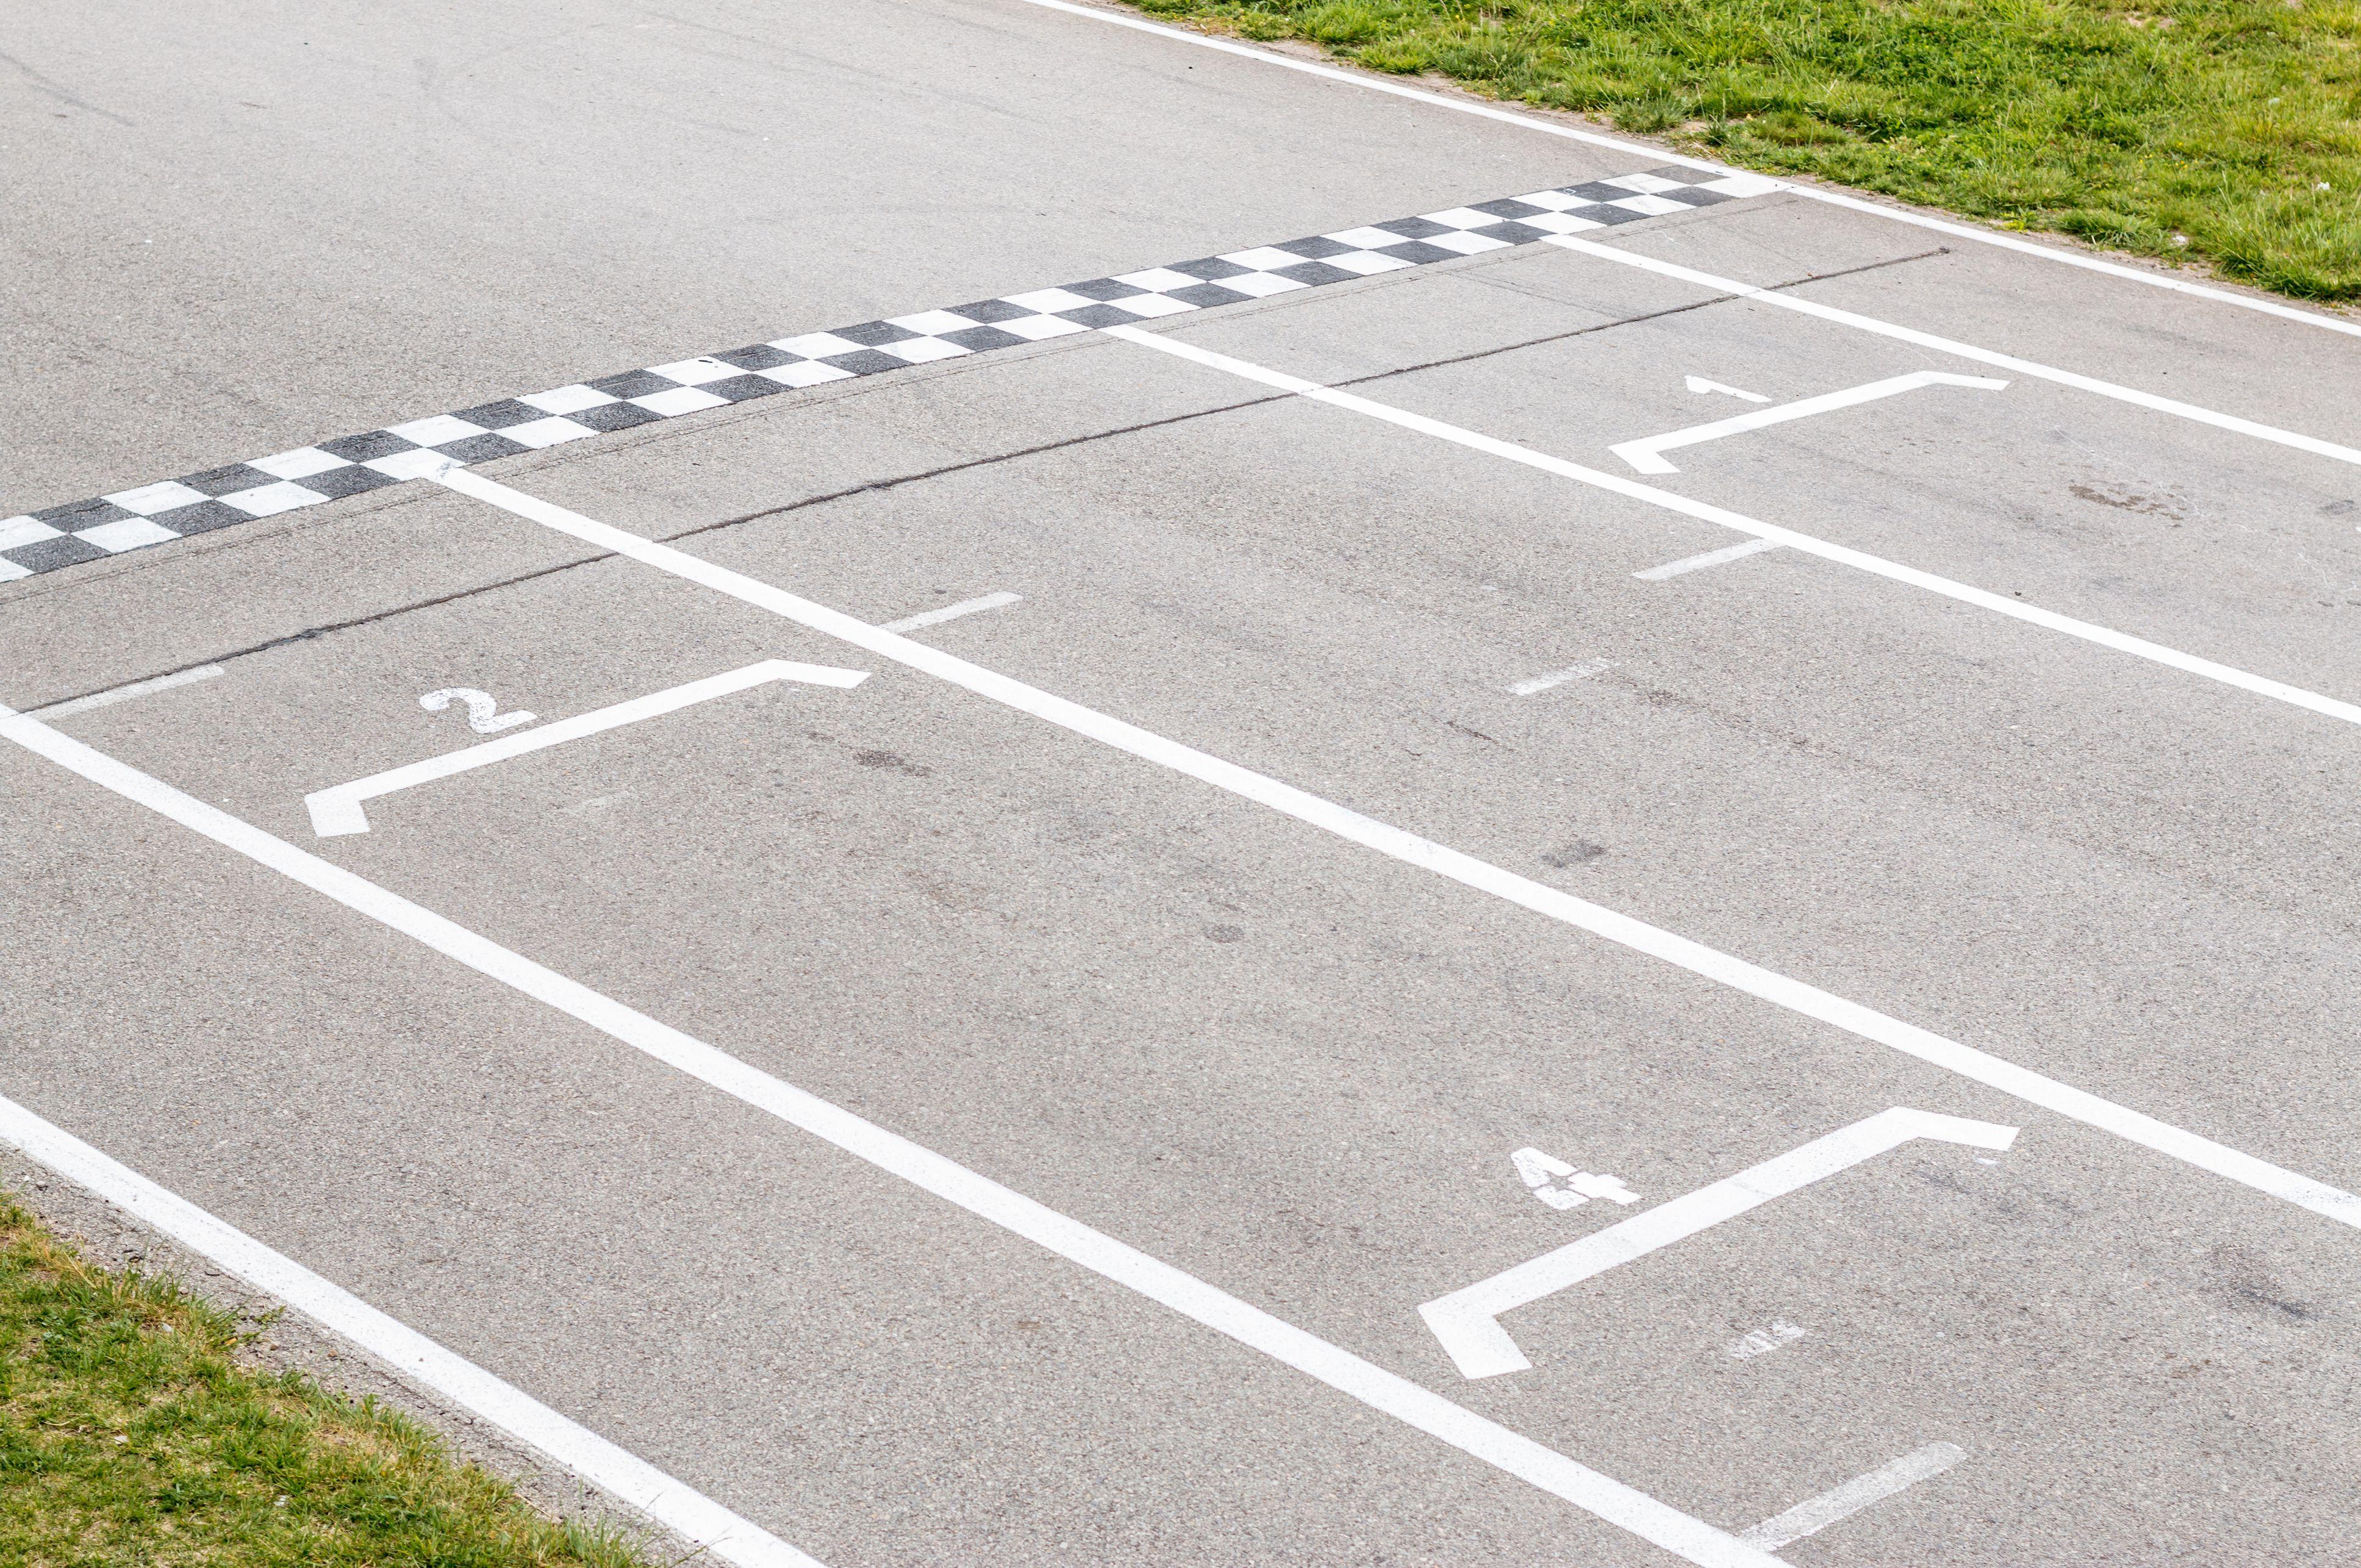 Cursos de conducción en Madrid